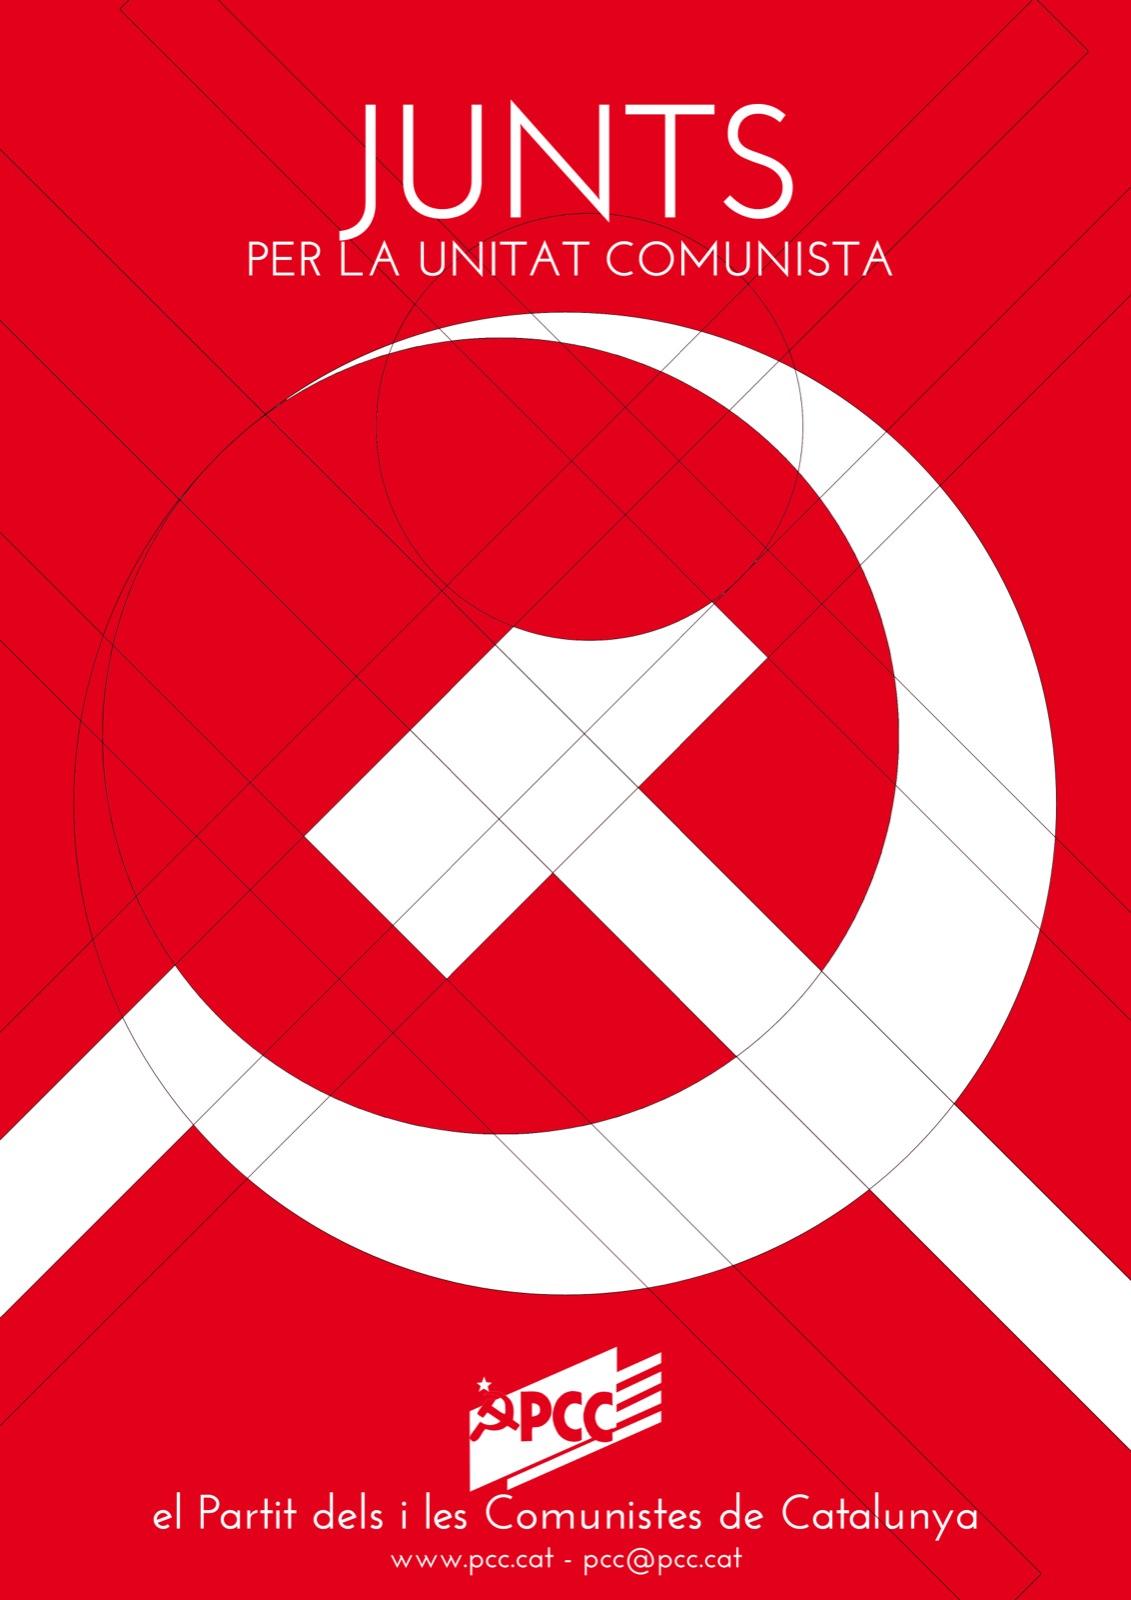 Unitat Comunista